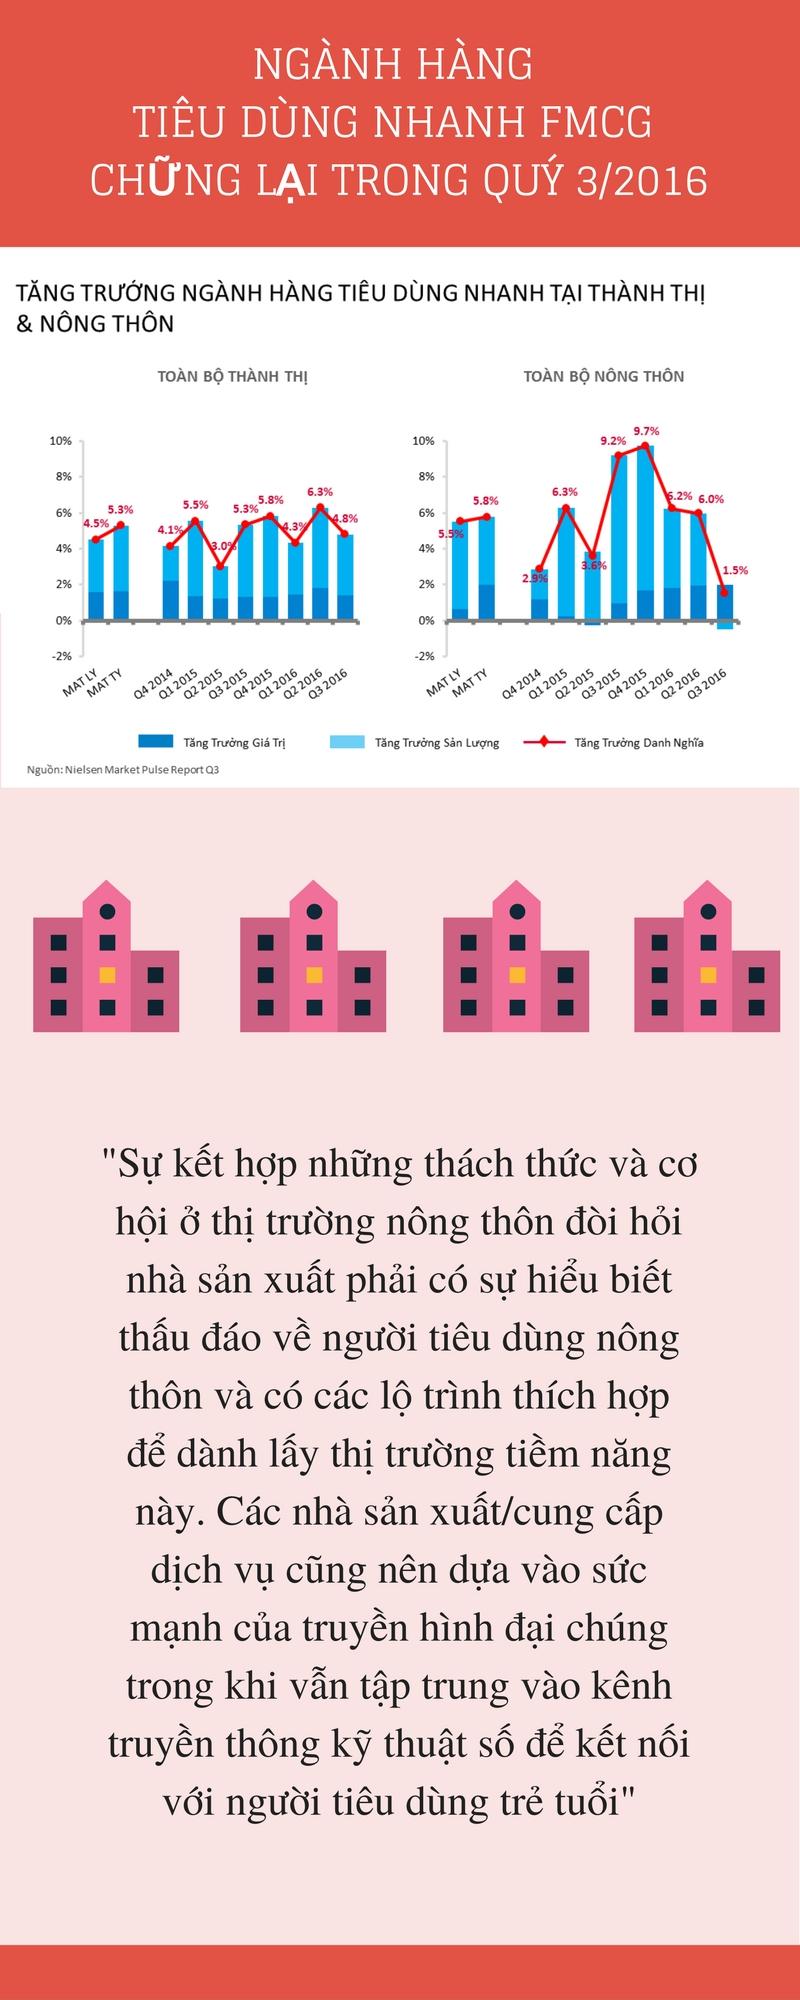 hang-tieu-dung-jpg2